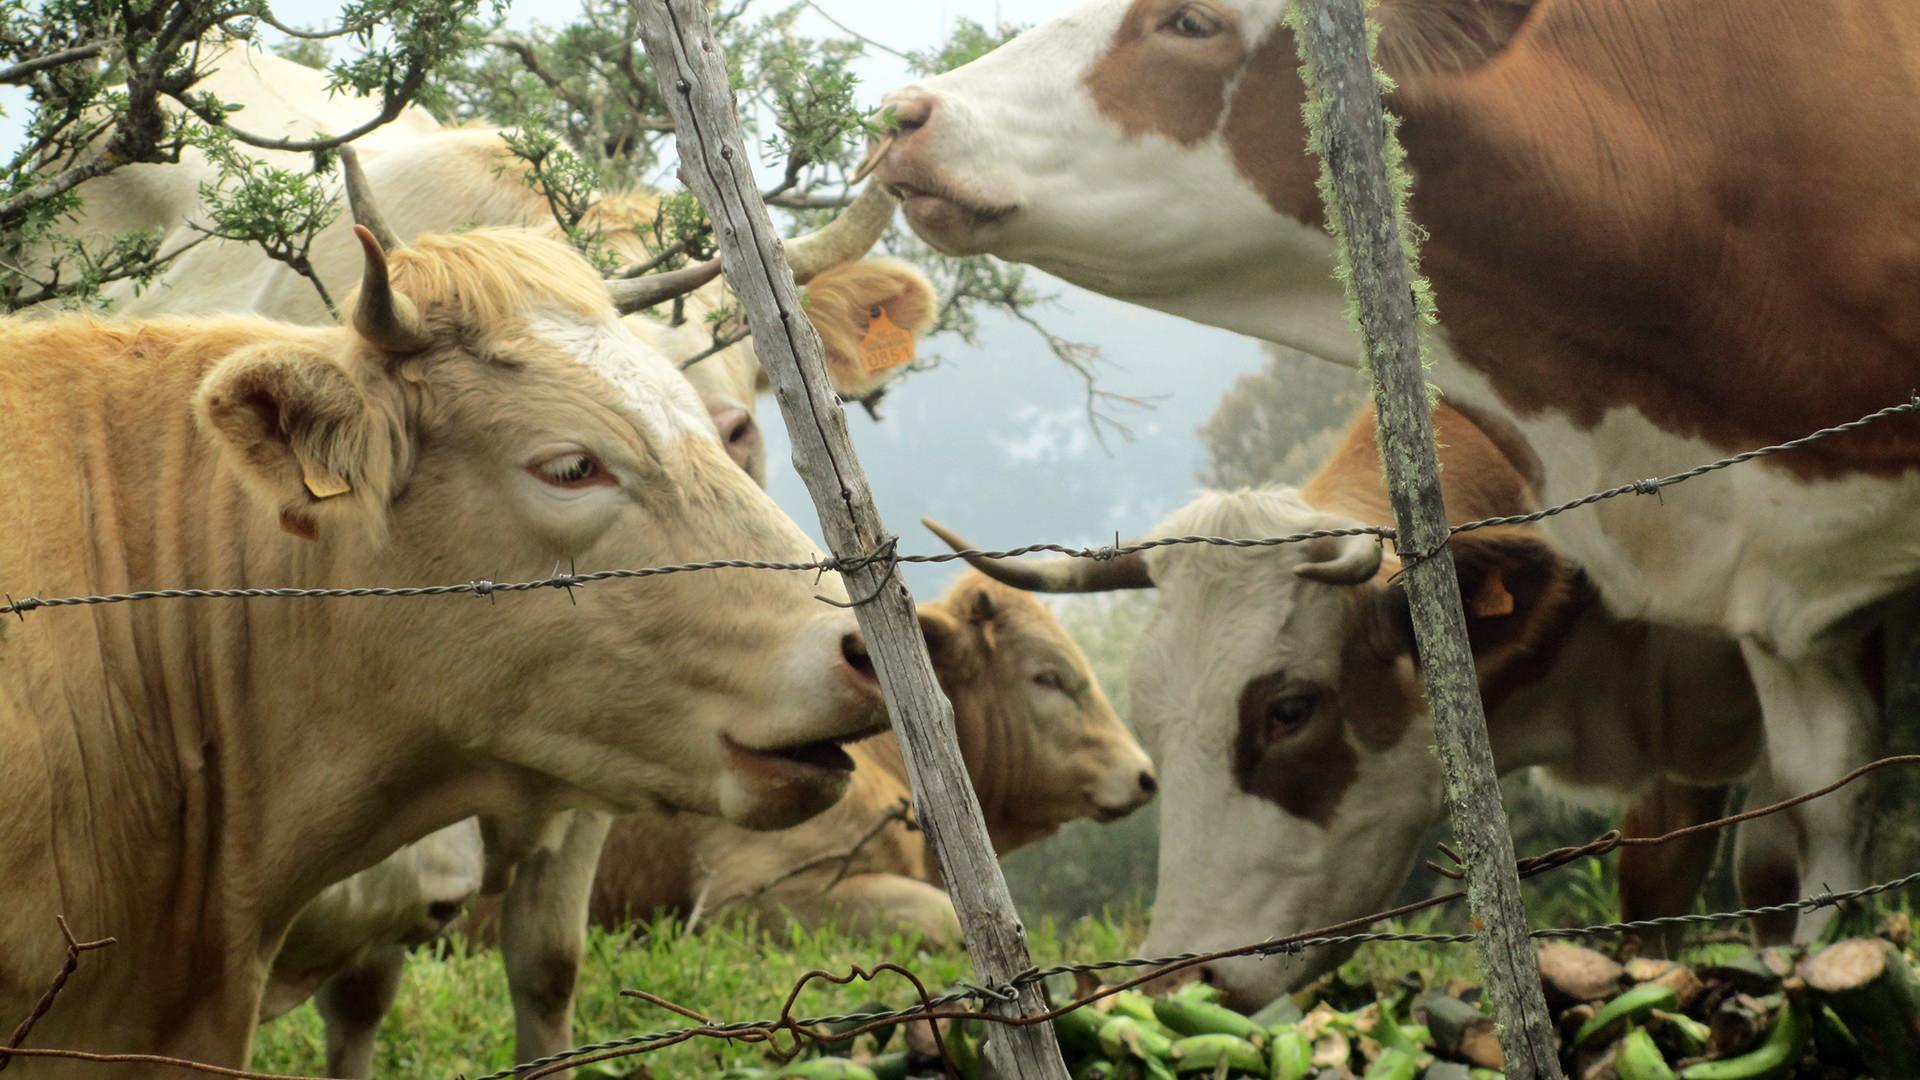 turismo rurale La Palma Canarie mucche e-banane